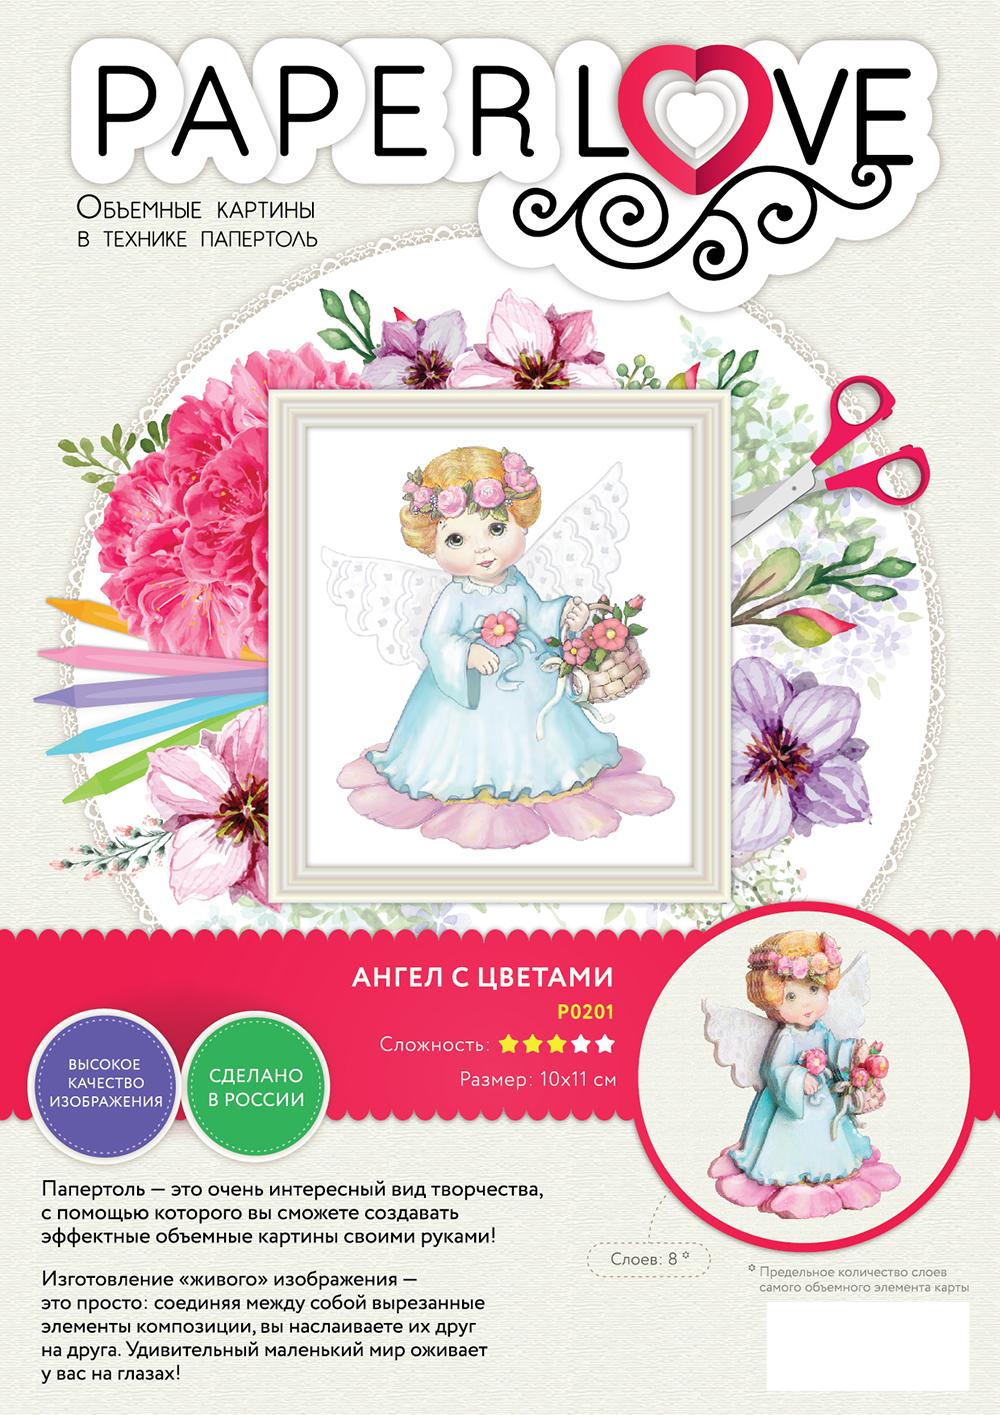 Папертоль Ангел с цветами — фотография обложки.